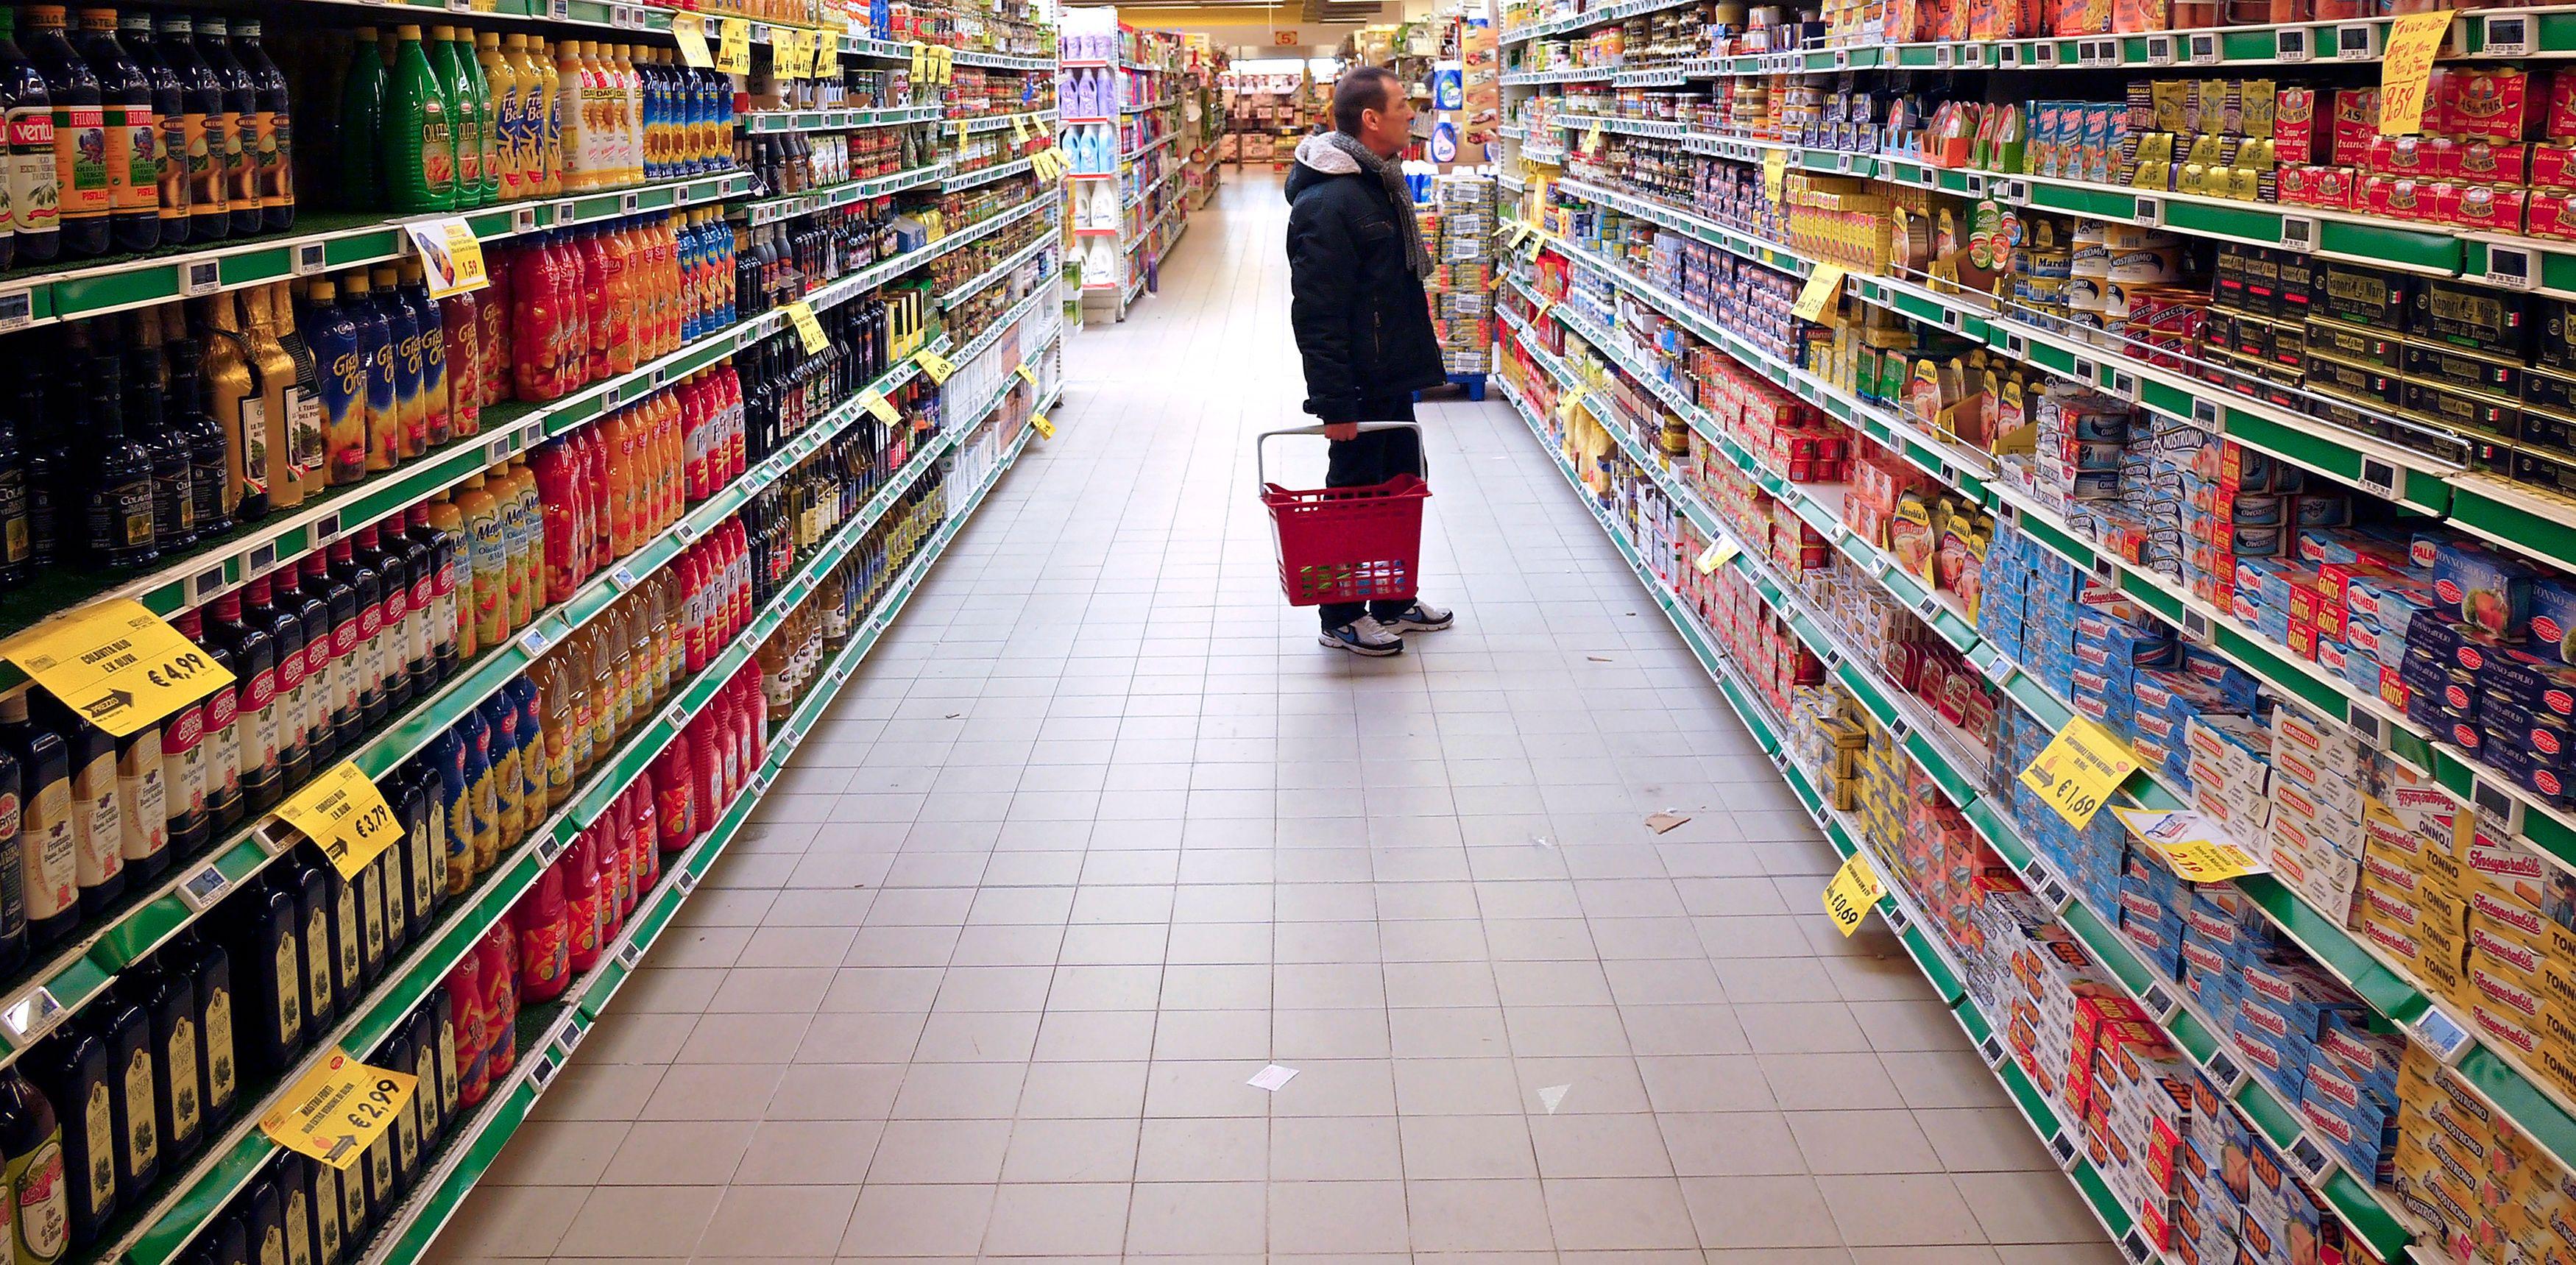 Faites-vous partie de ceux qui achètent de l'eau sans gluten et autres absurdités d'étiquetage alimentaire ? Car voilà pourquoi ça n'est que du marketing dénué de sens